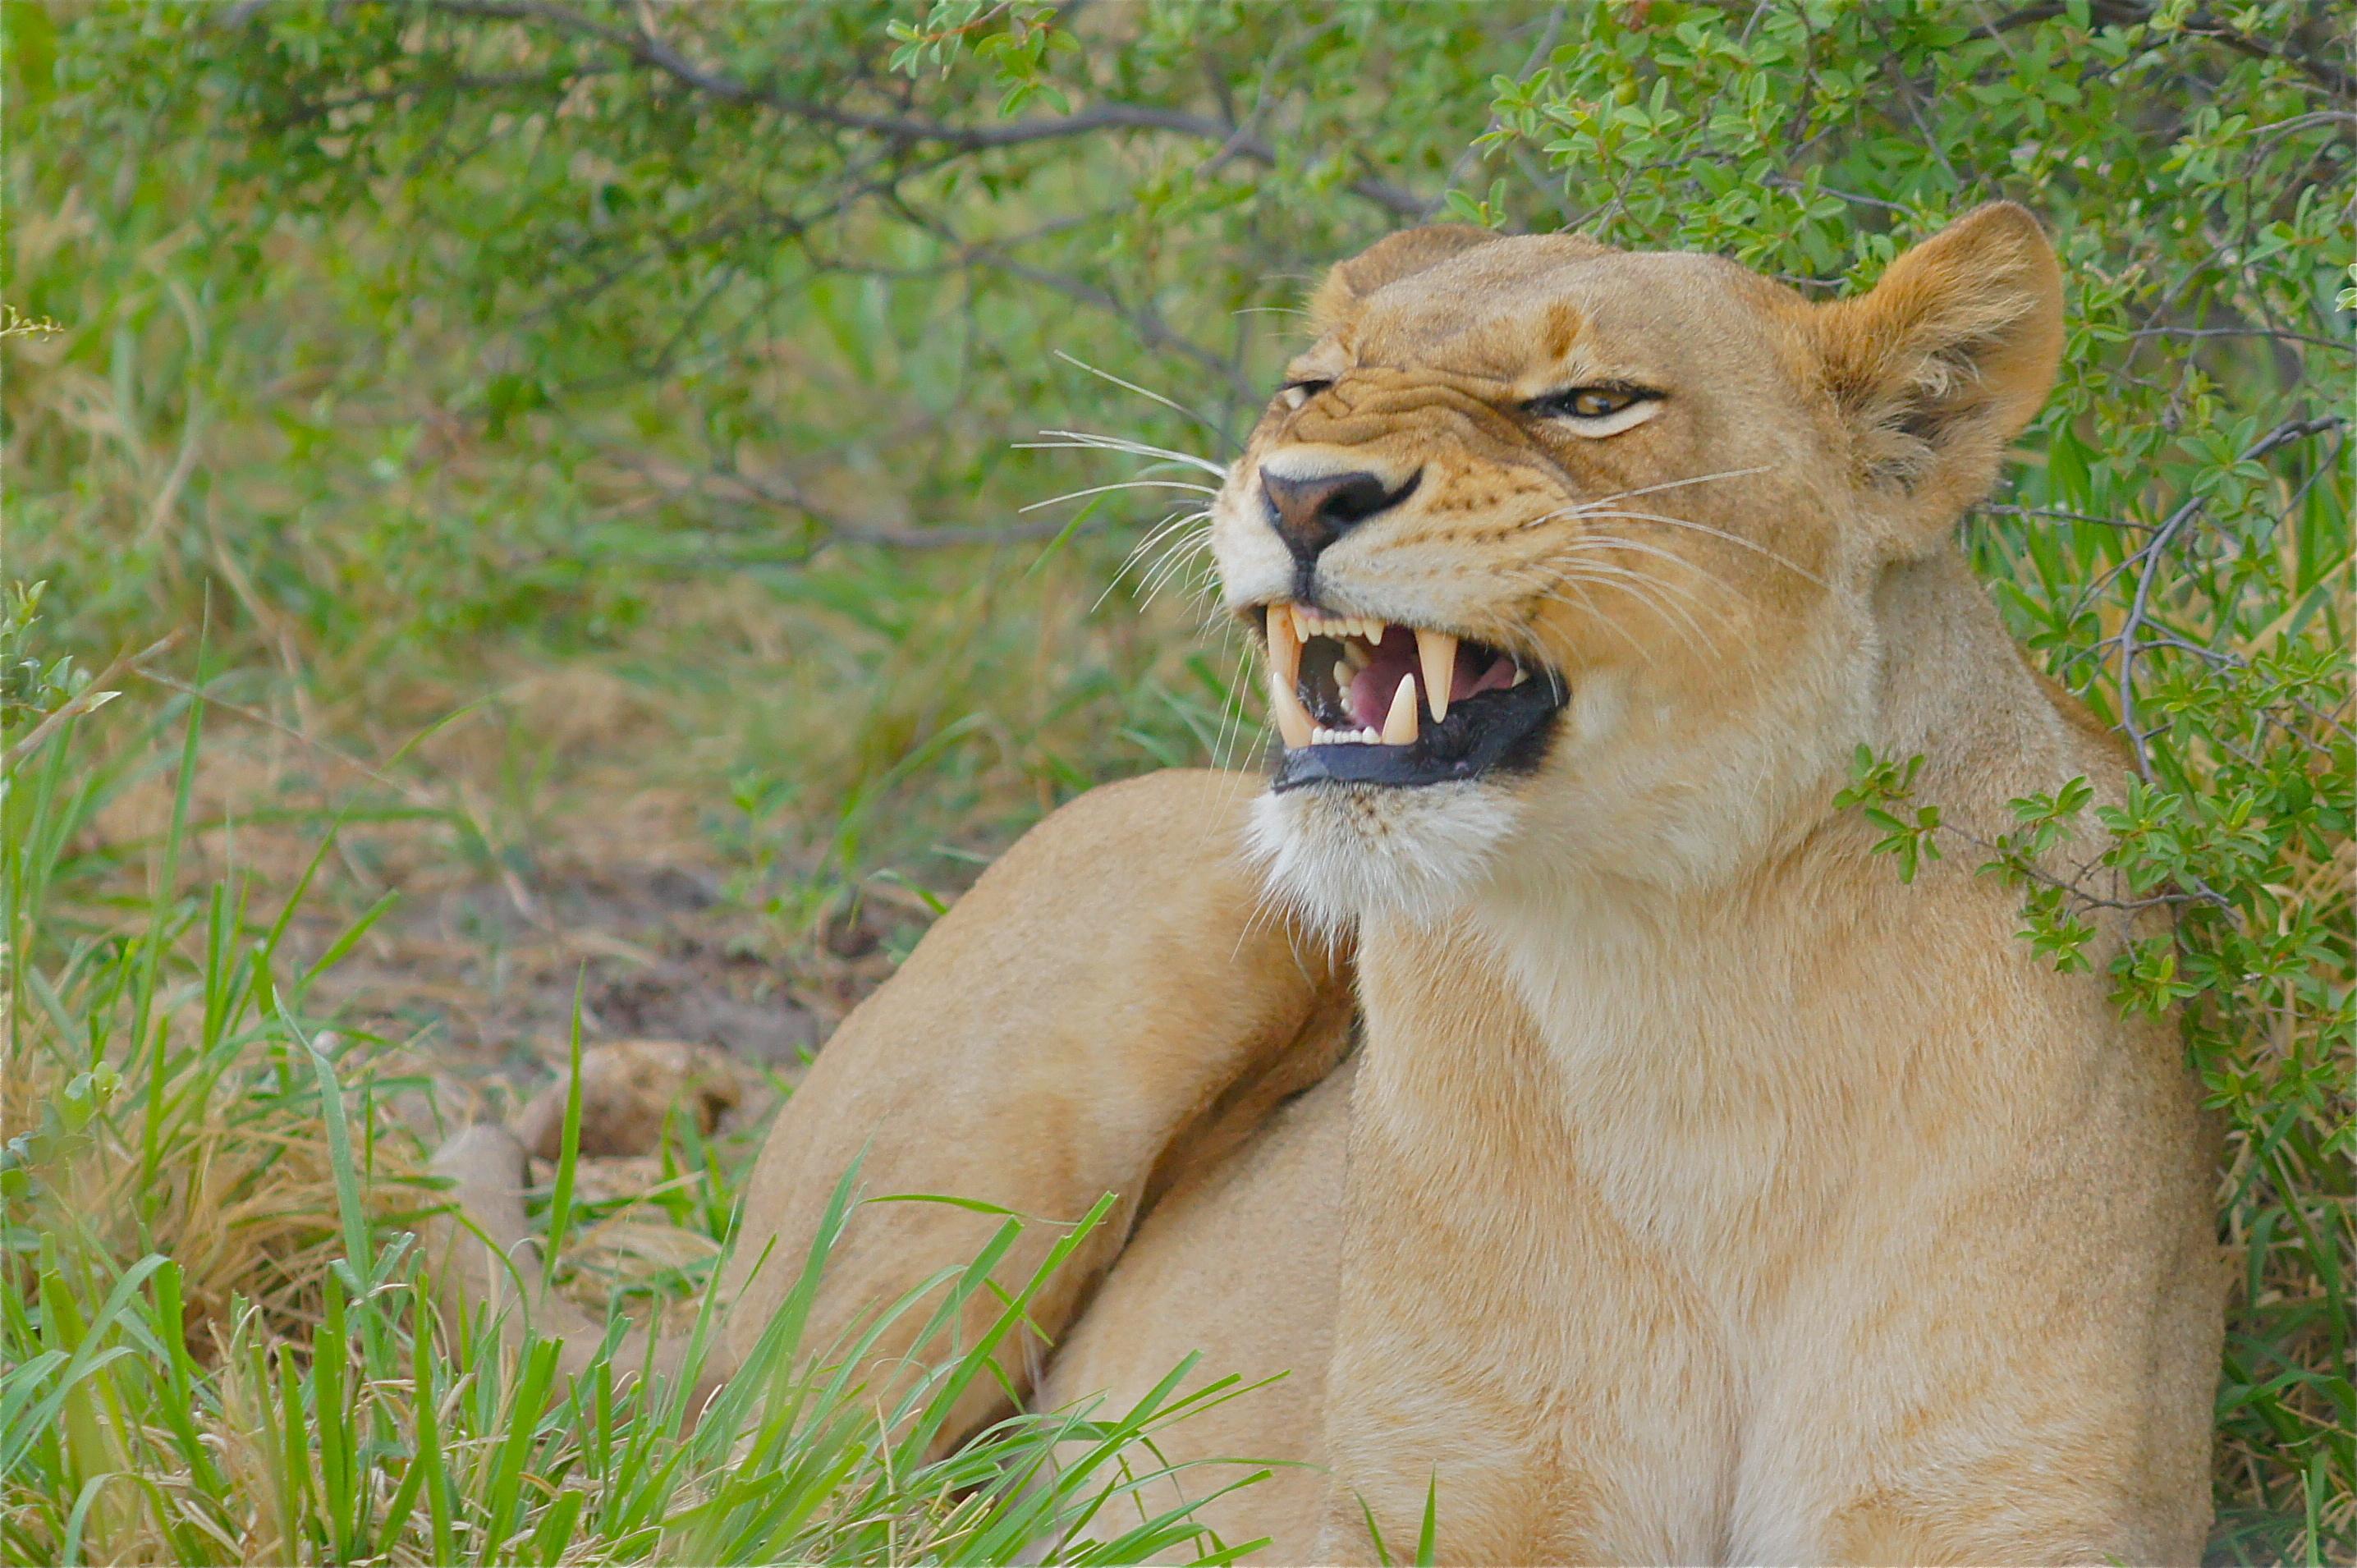 Sfondi erba leone pelliccia grandi gatti zoo natura for Sfondi leone